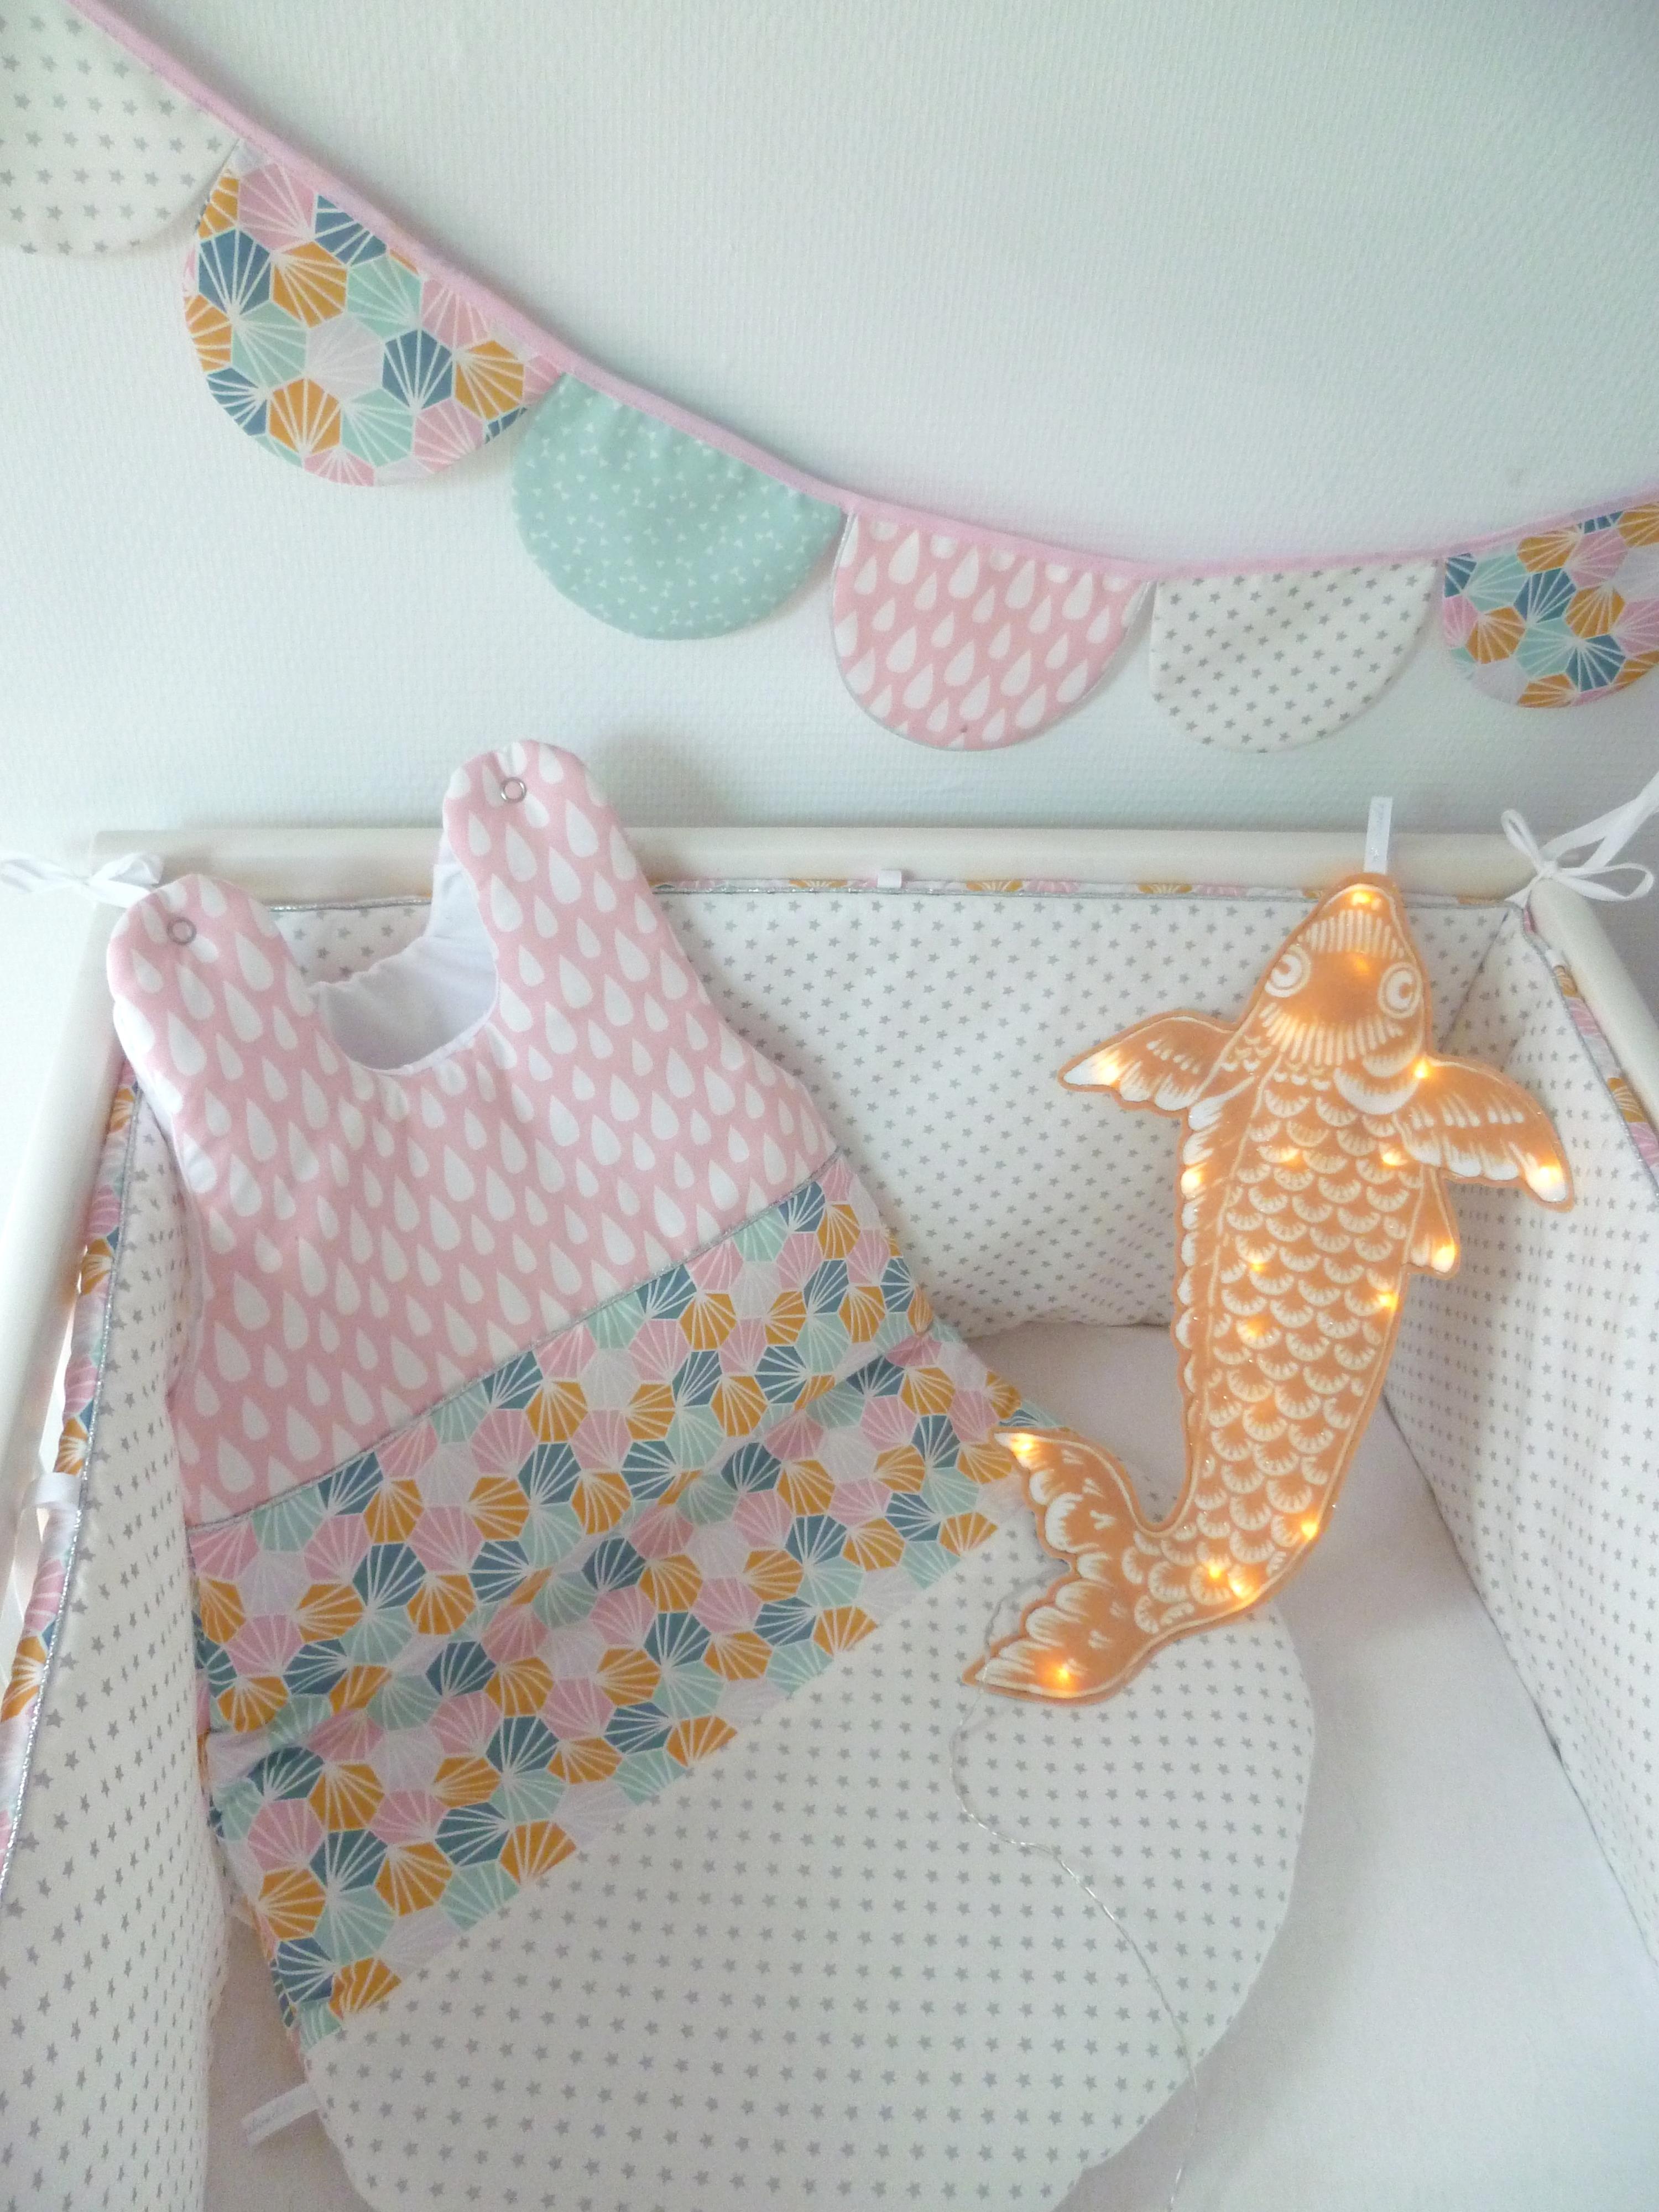 Tour de lit et gigoteuse origami guili gribouilli linge de lit et de d co pour enfant - Gigoteuse et tour de lit ...